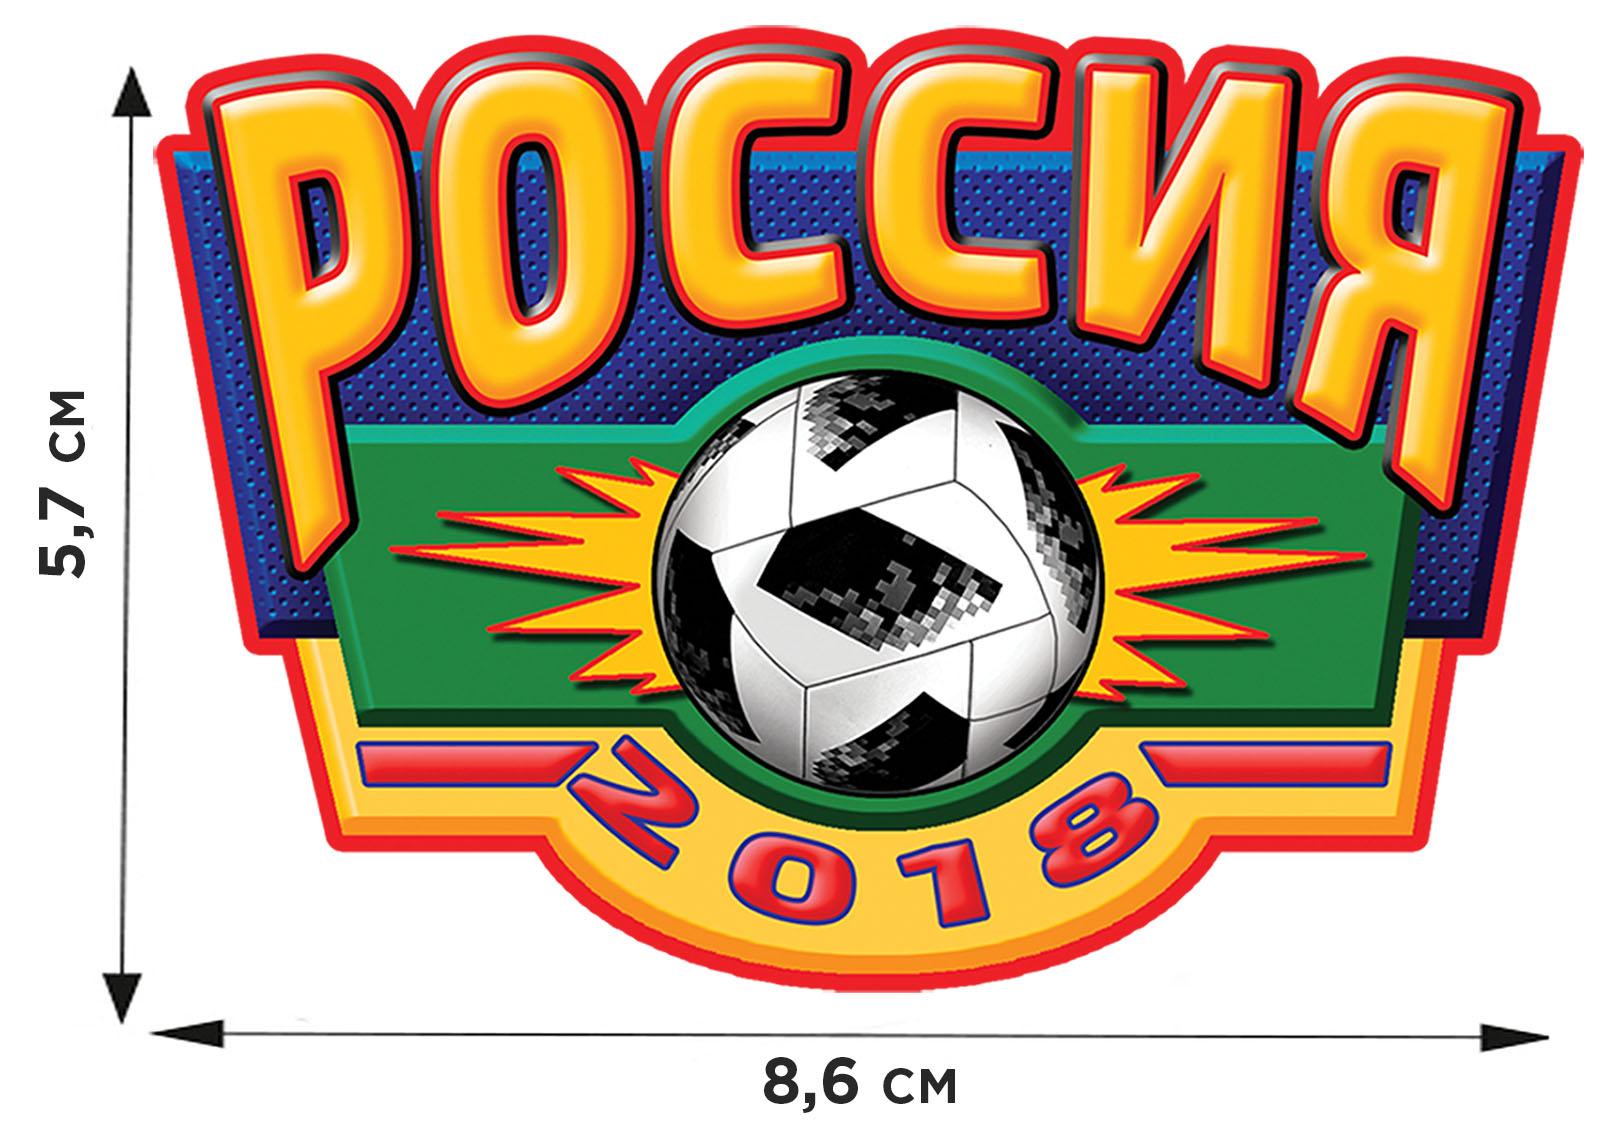 Купить топовую картинку для сублимации Россия оптом и в розницу